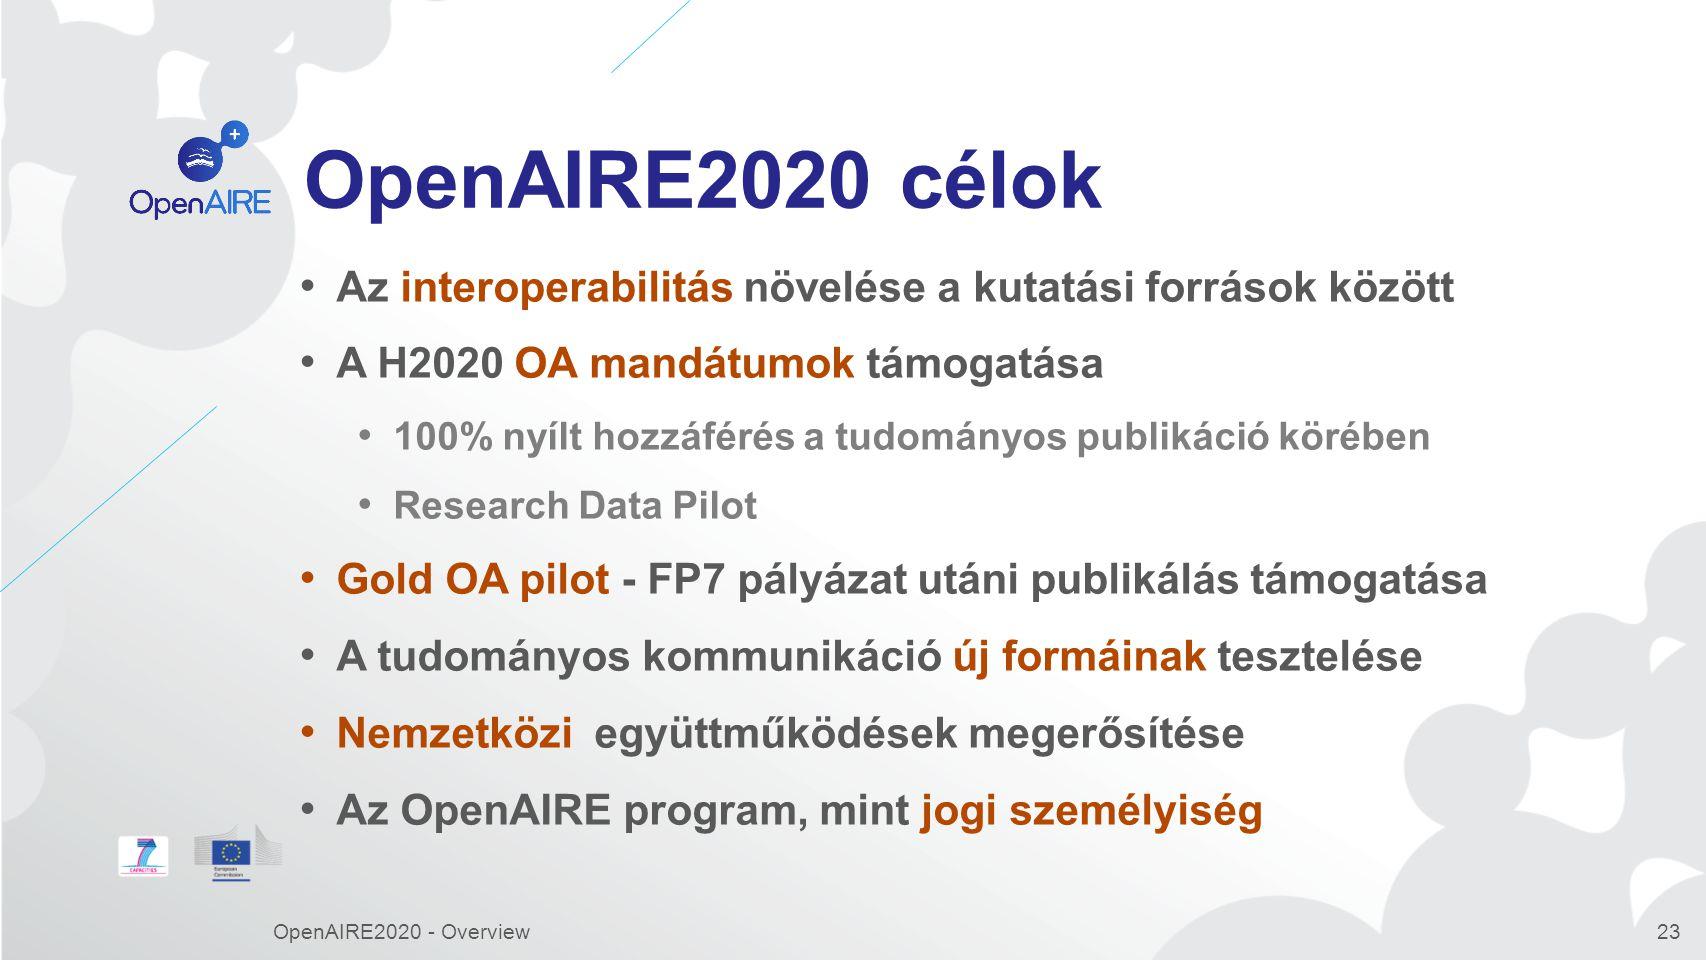 OpenAIRE2020 célok Az interoperabilitás növelése a kutatási források között A H2020 OA mandátumok támogatása 100% nyílt hozzáférés a tudományos publikáció körében Research Data Pilot Gold OA pilot - FP7 pályázat utáni publikálás támogatása A tudományos kommunikáció új formáinak tesztelése Nemzetközi együttműködések megerősítése Az OpenAIRE program, mint jogi személyiség OpenAIRE2020 - Overview23